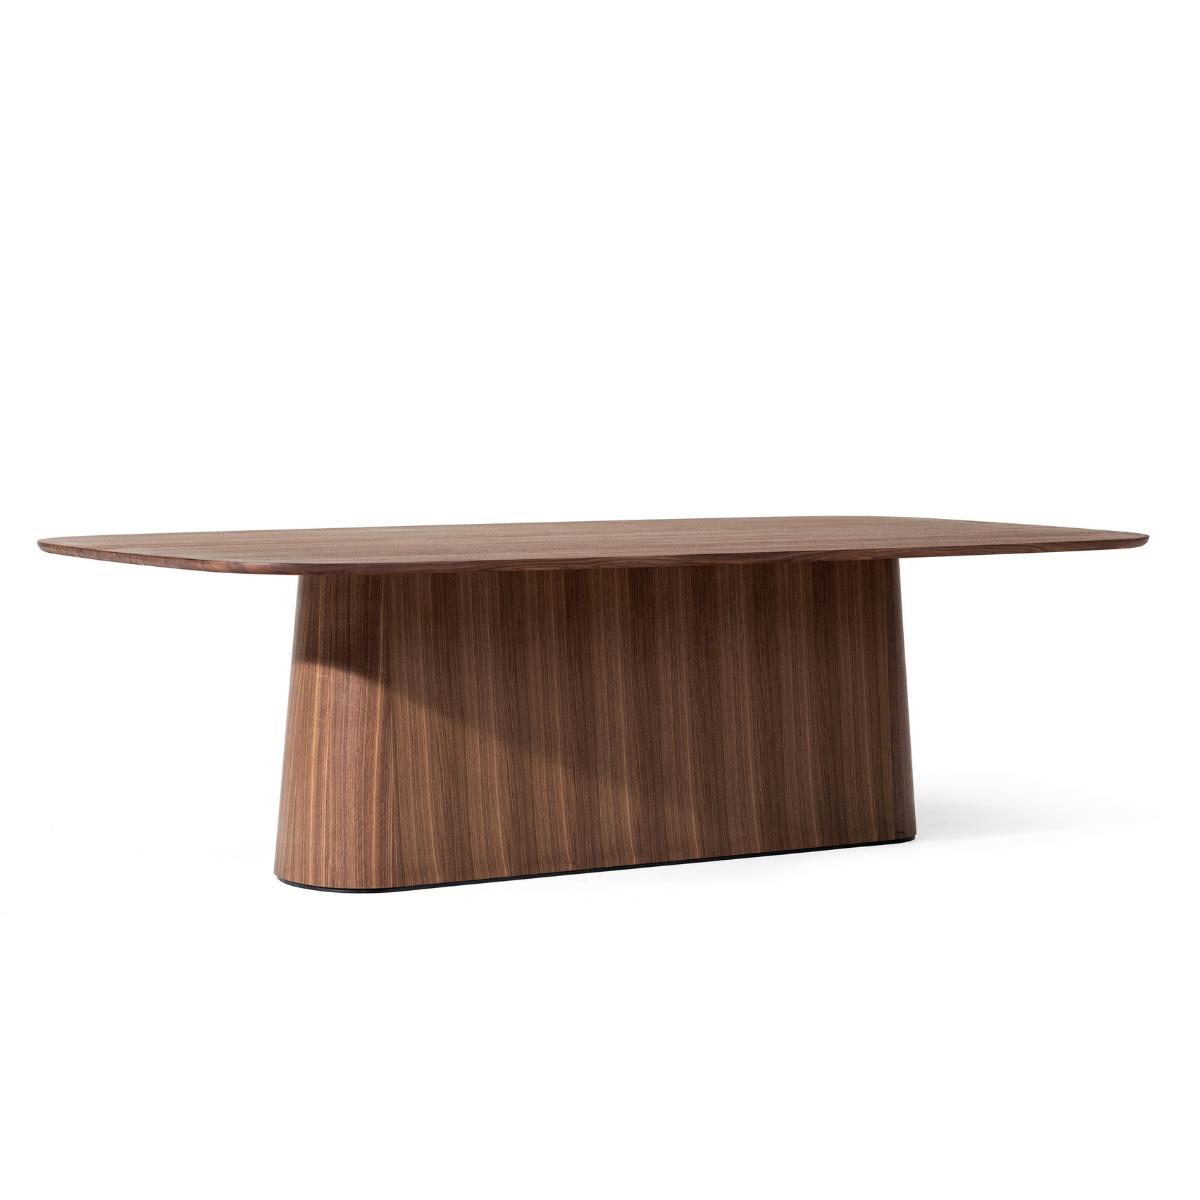 Stół P.O.V. 466 TON z ciemnego drewna z podłużną podstawą